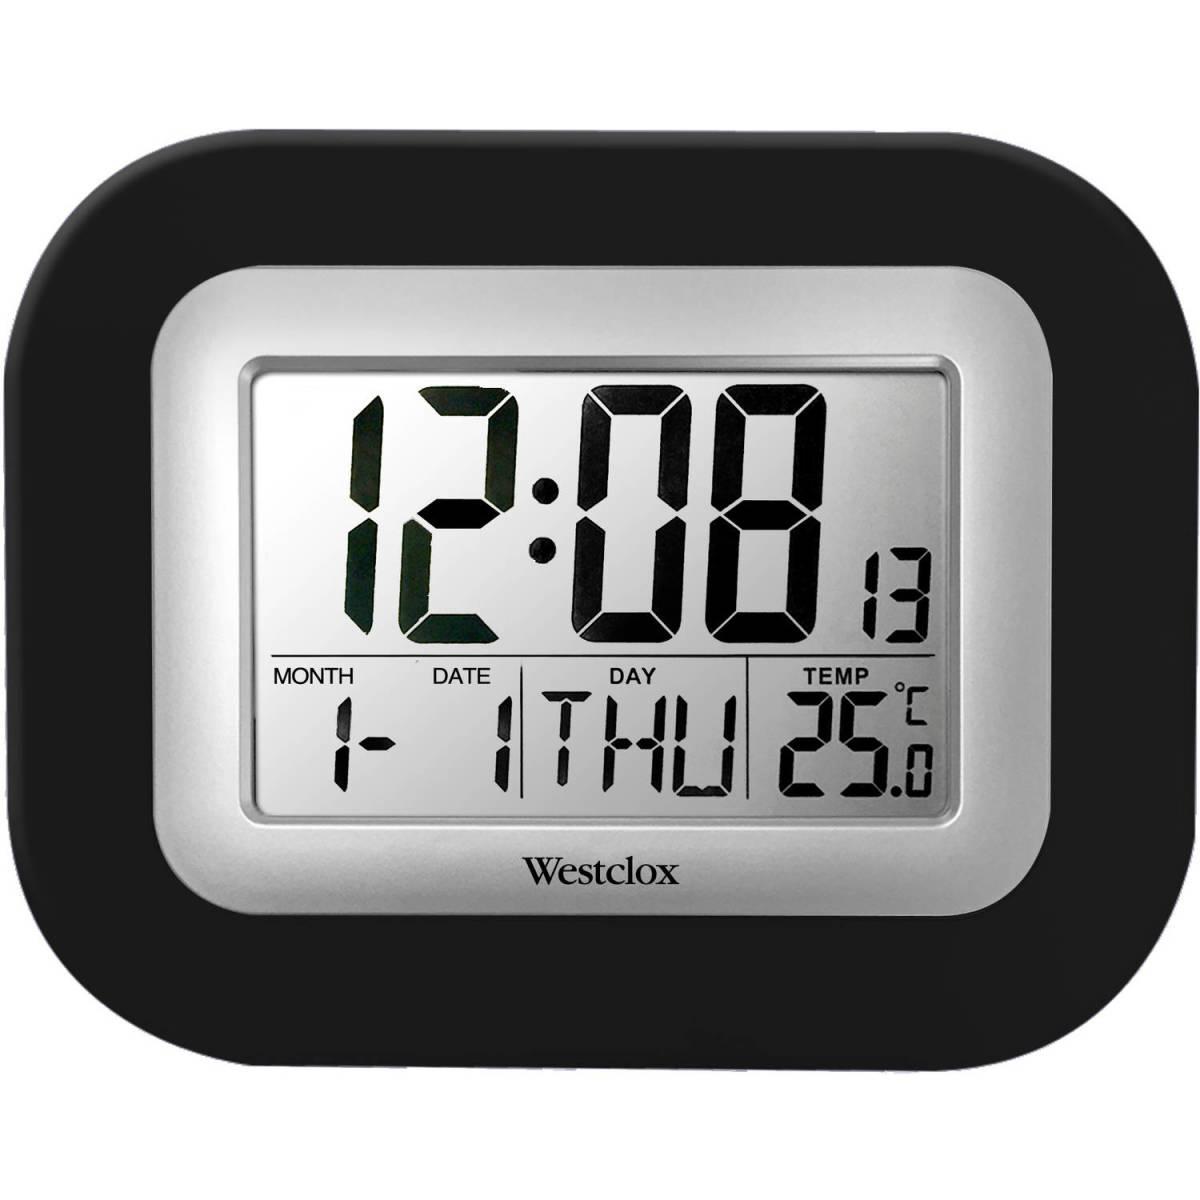 Westclox lcd wall alarm clock digital black snooze calendar details westclox lcd wall alarm clock amipublicfo Gallery